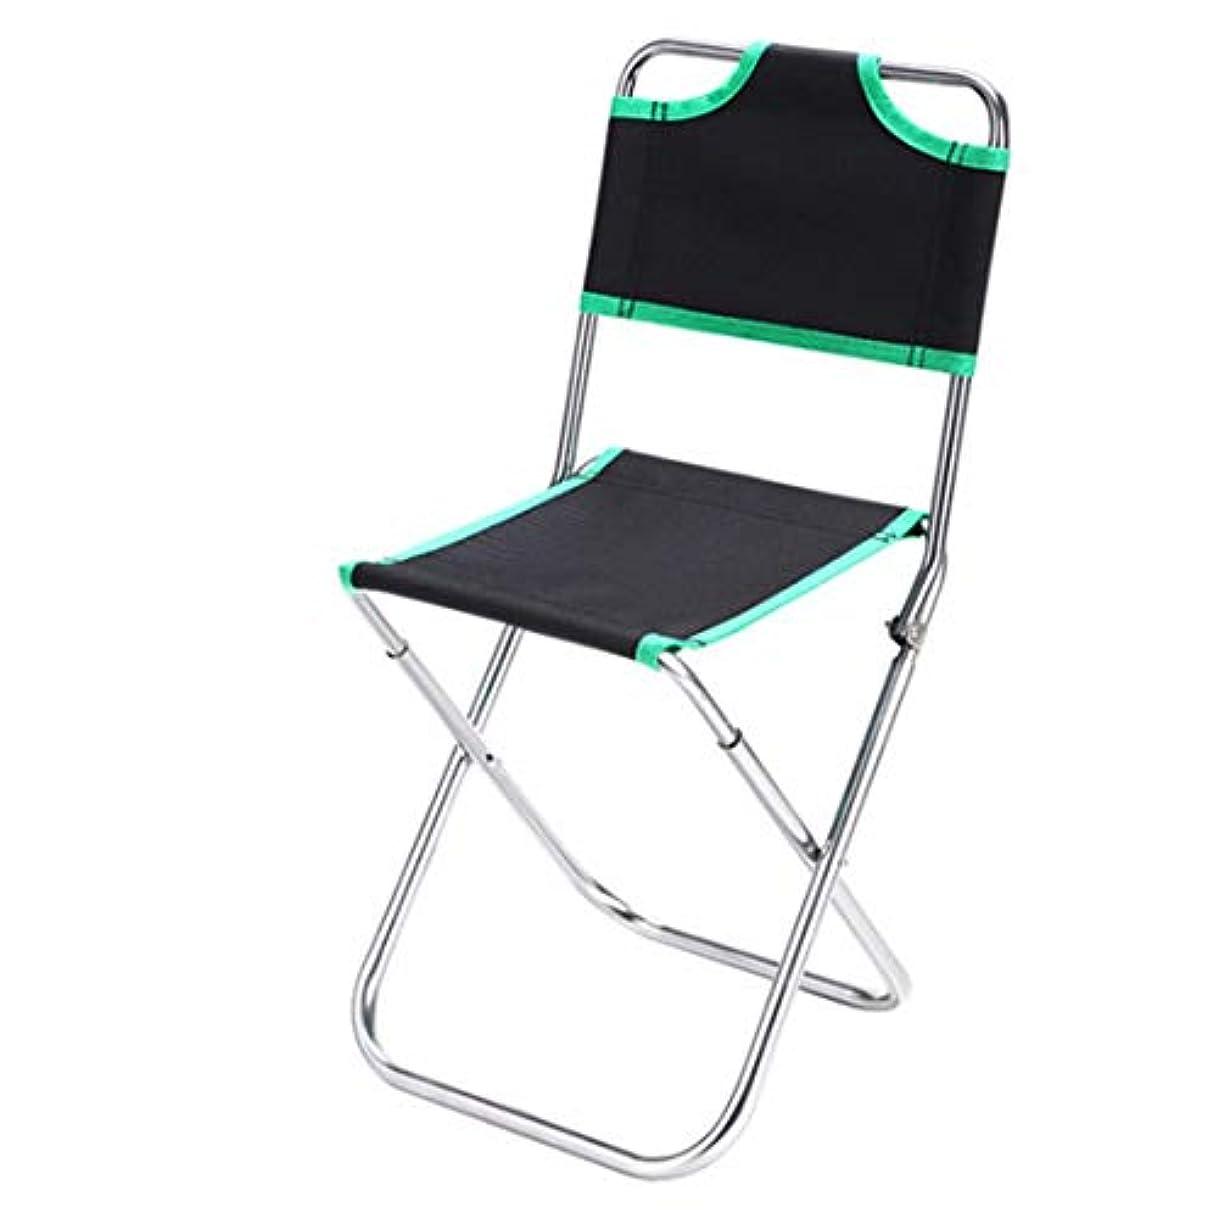 愛情ジョブ合唱団多機能アルミニウム合金背もたれ折りたたみスツールスツールチェア椅子折りたたみ椅子釣り (Color : オレンジ)